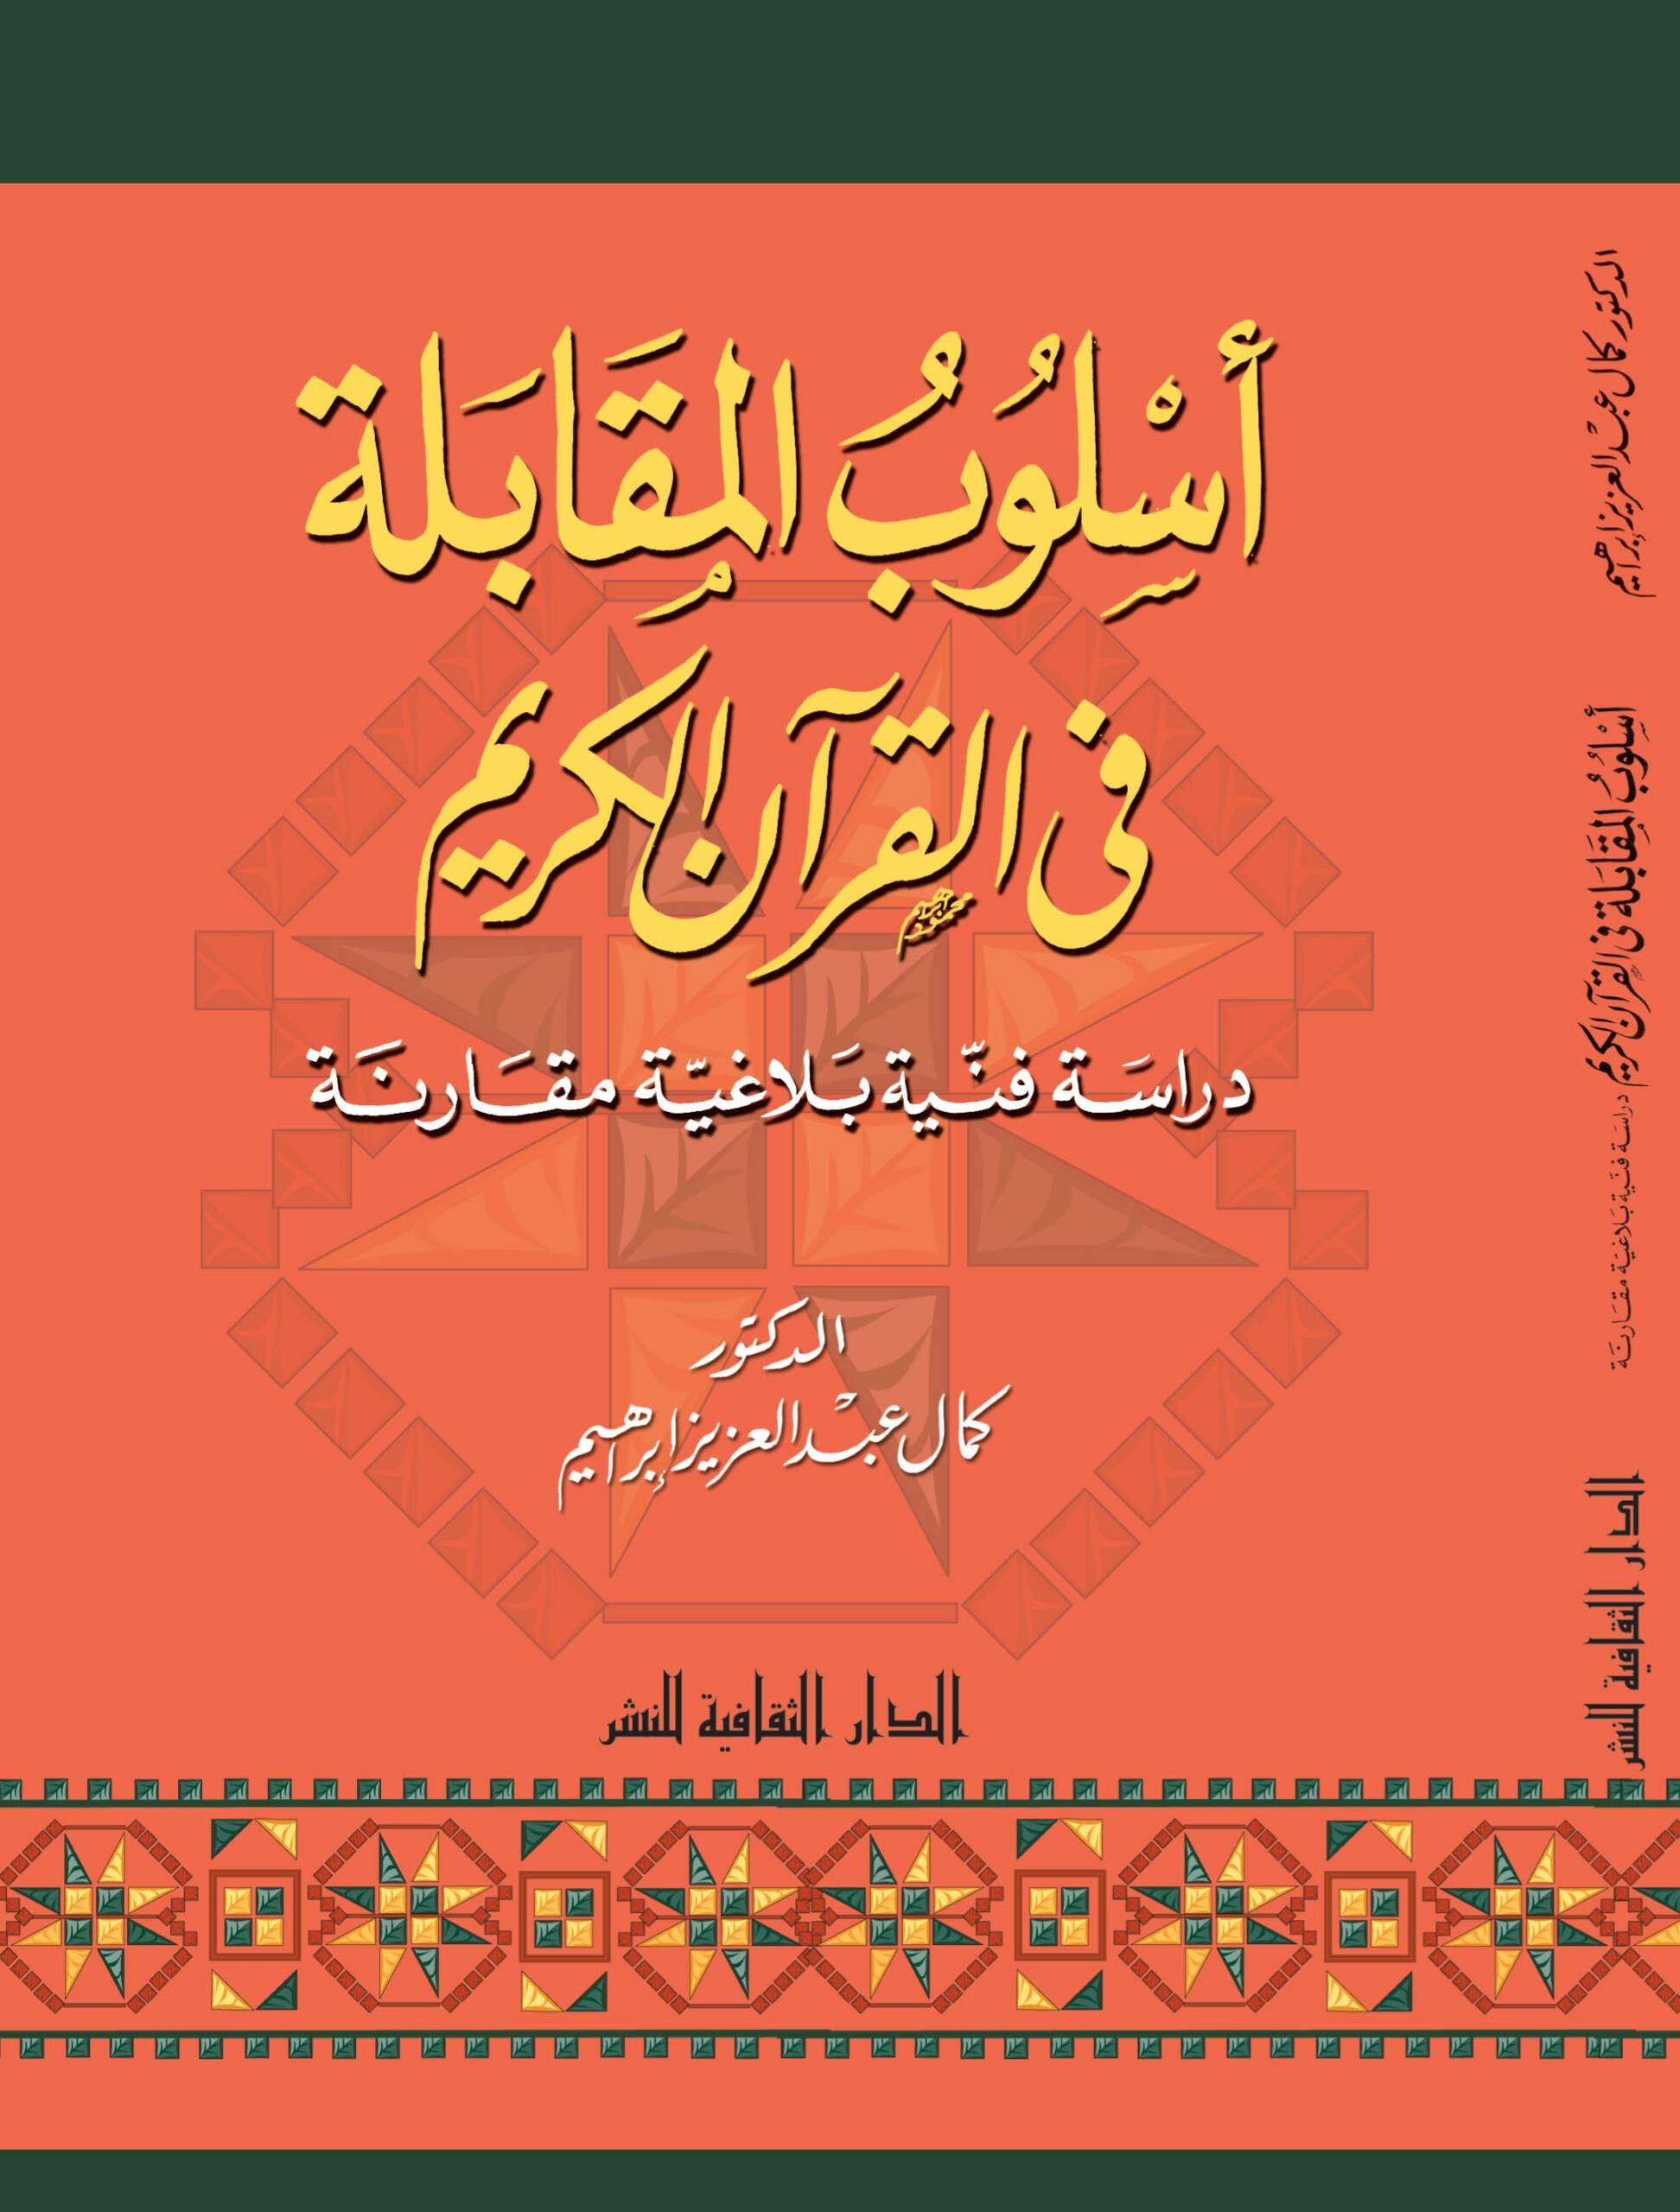 أسلوب المقابلة فى القرآن الكريم